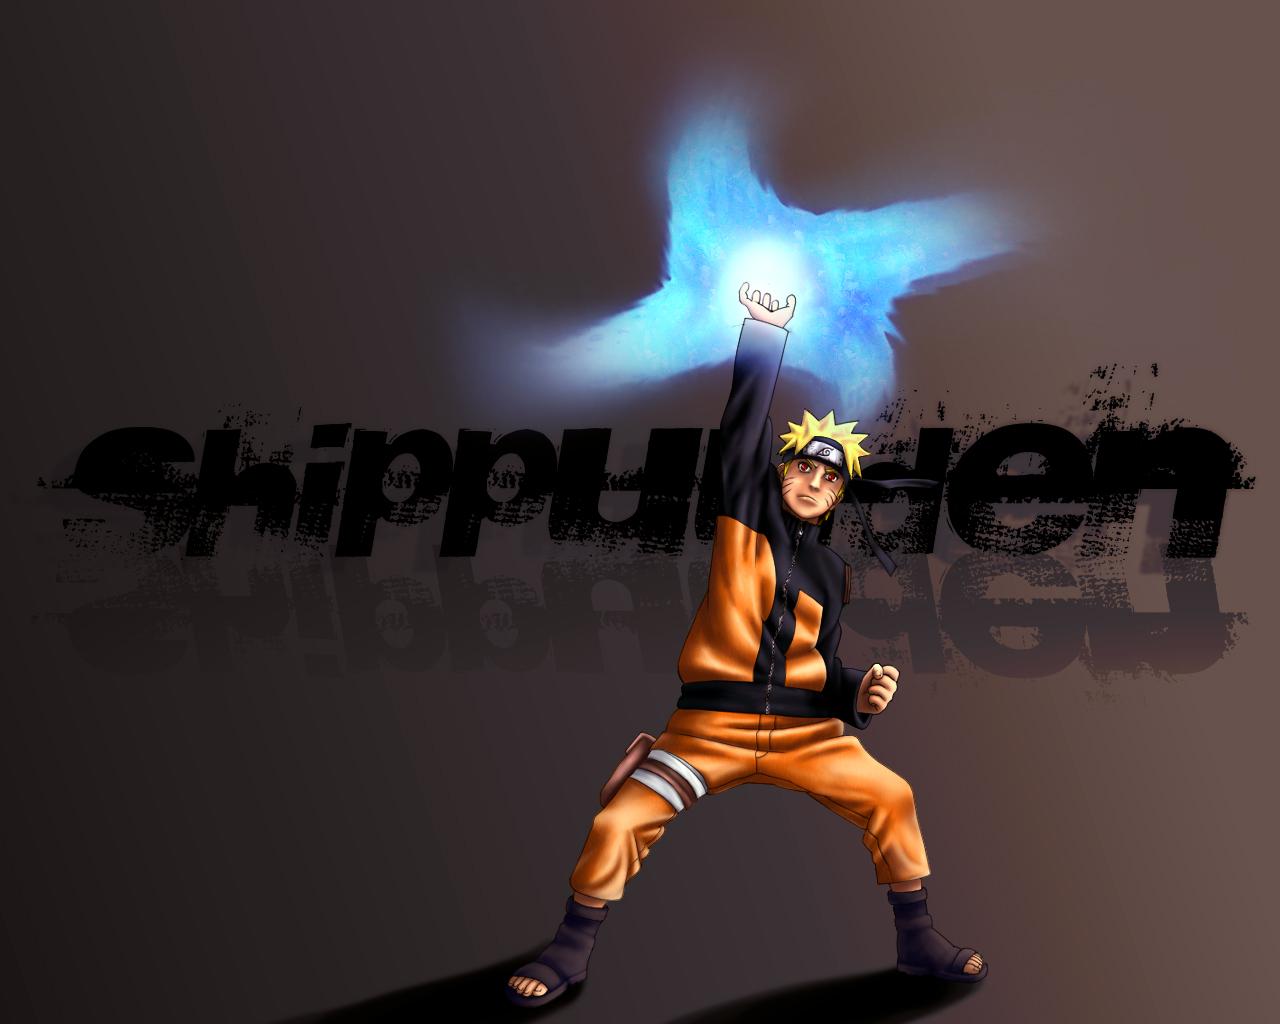 Anime/Manga Wallpapers: Naruto & Naruto Shippuden ...